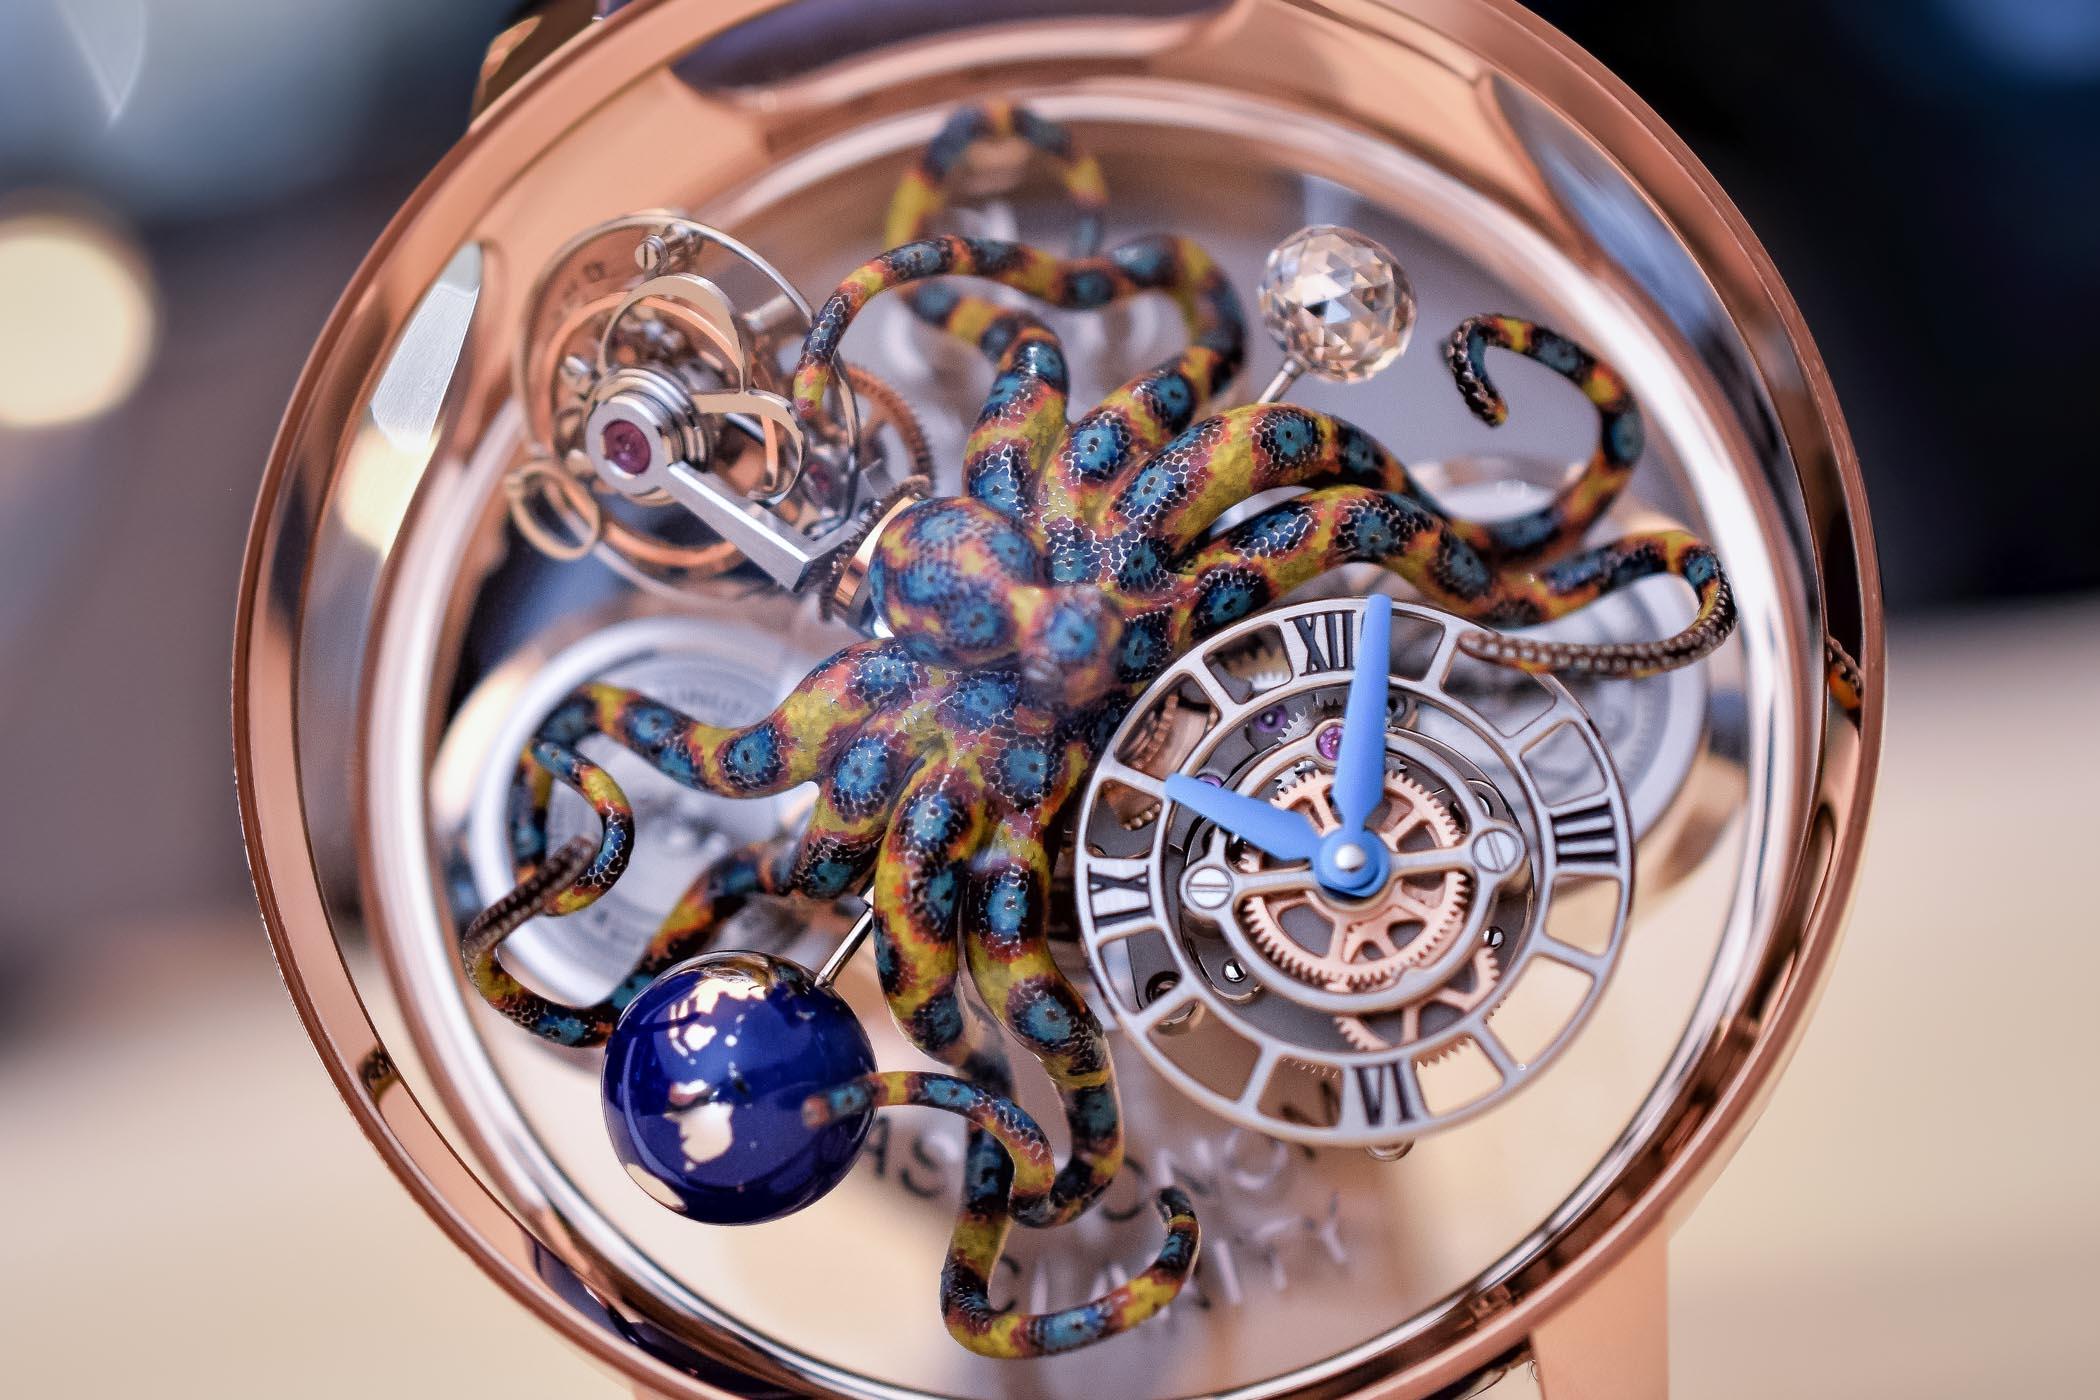 Jacob and Co Astronomia Tourbillon Clarity Octopus